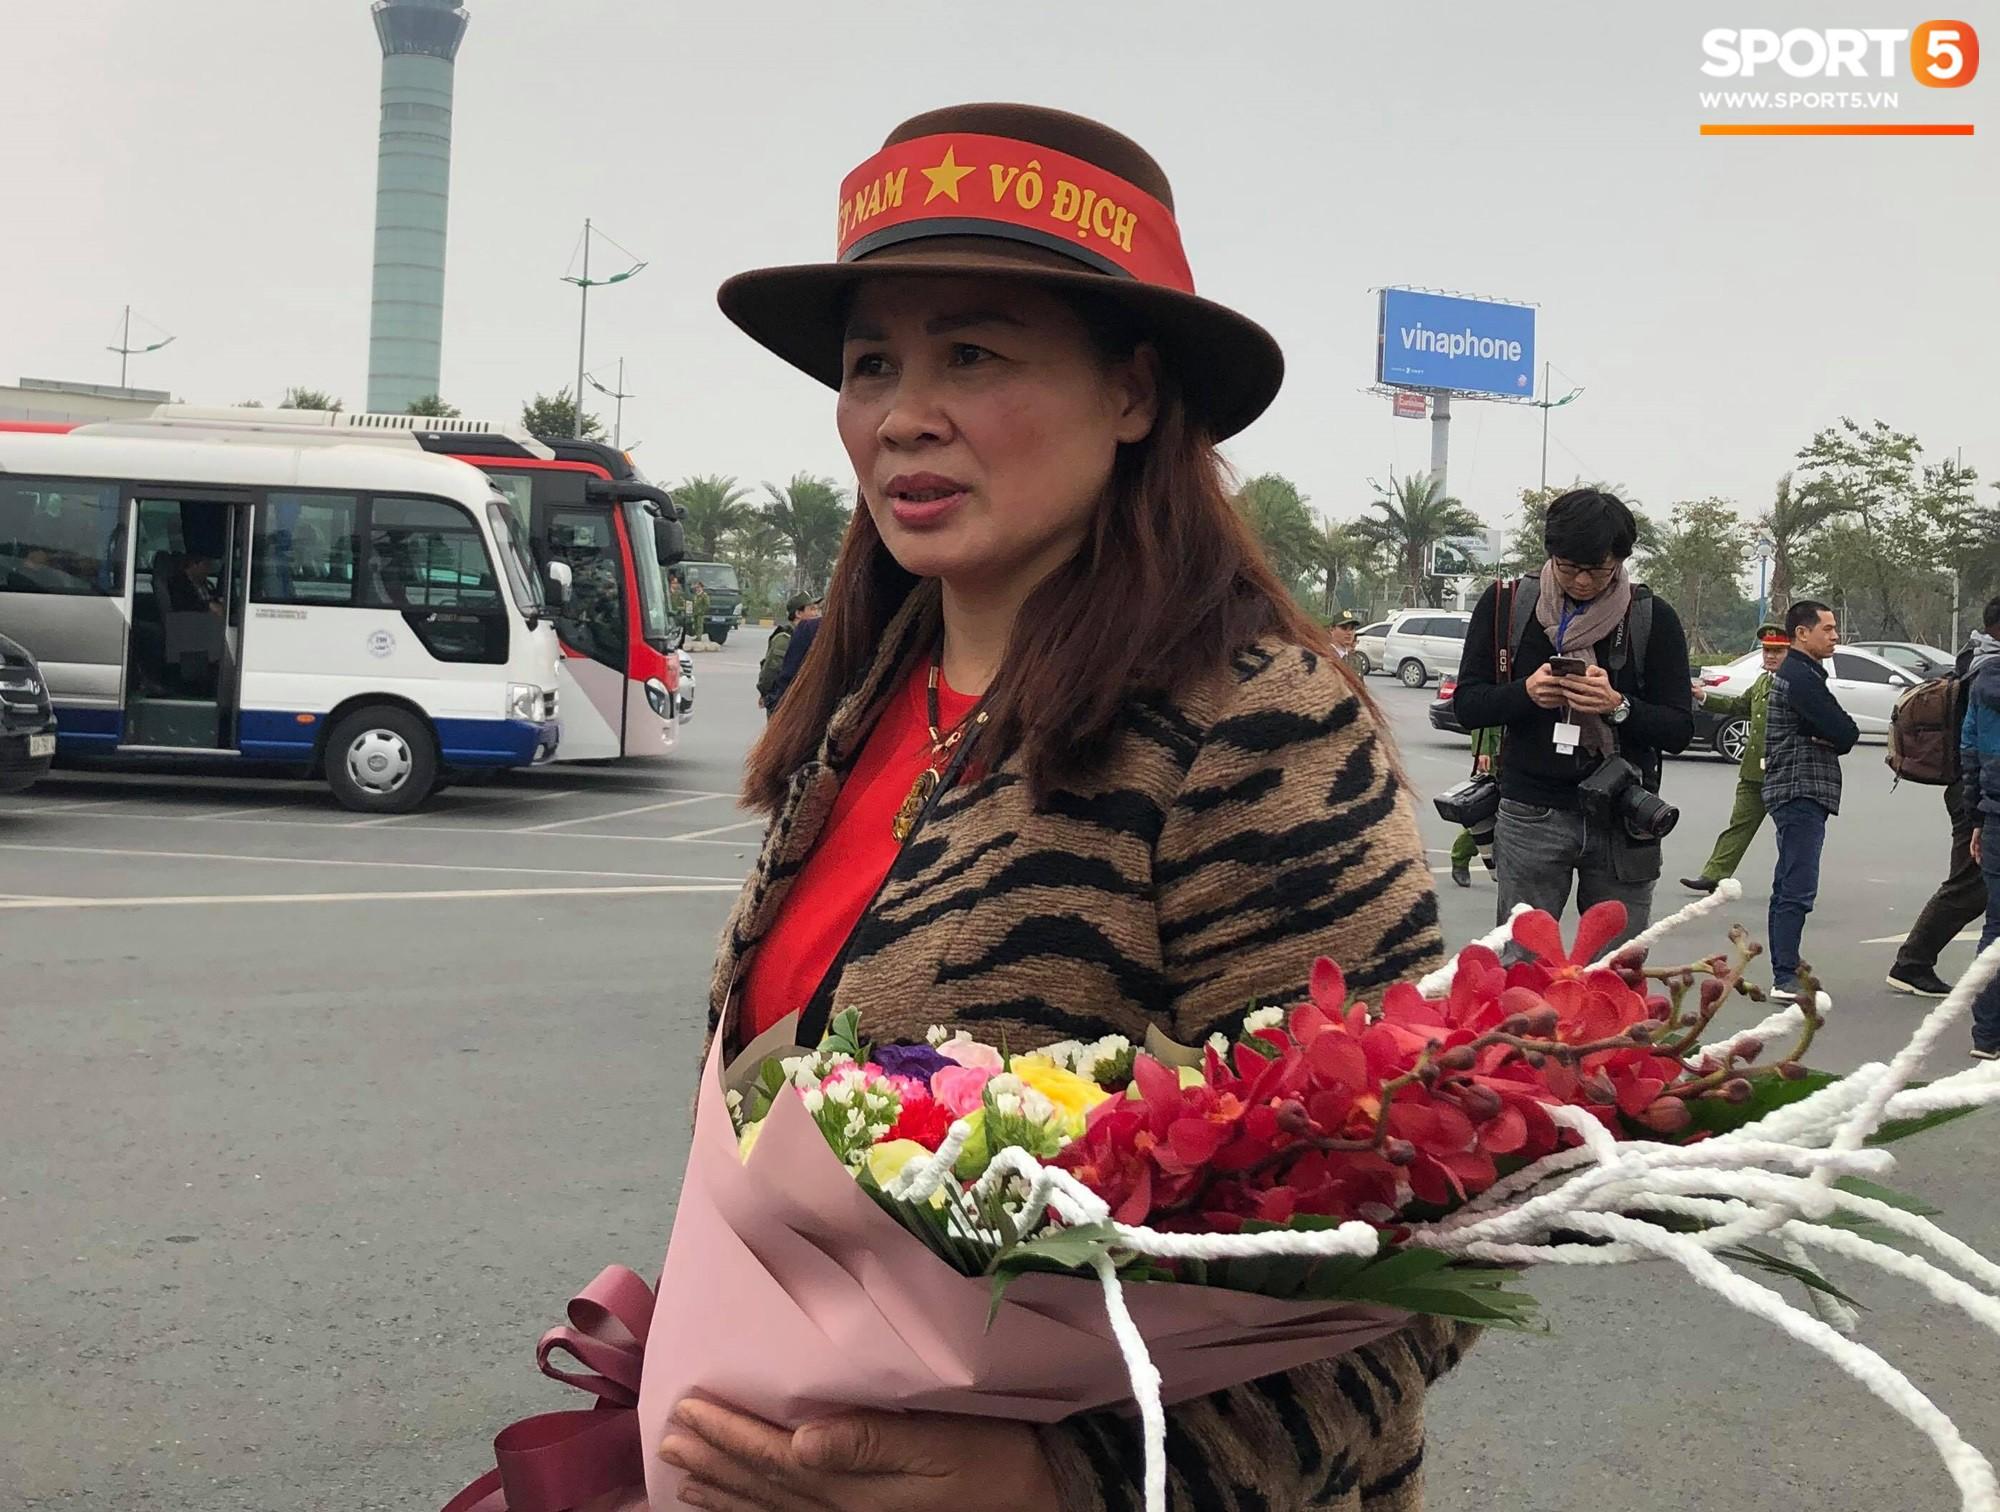 Mẹ Quang Hải khen thầy Park là người hùng đáng yêu, chú Văn Lâm xúc động khi nói về cháu trai-1